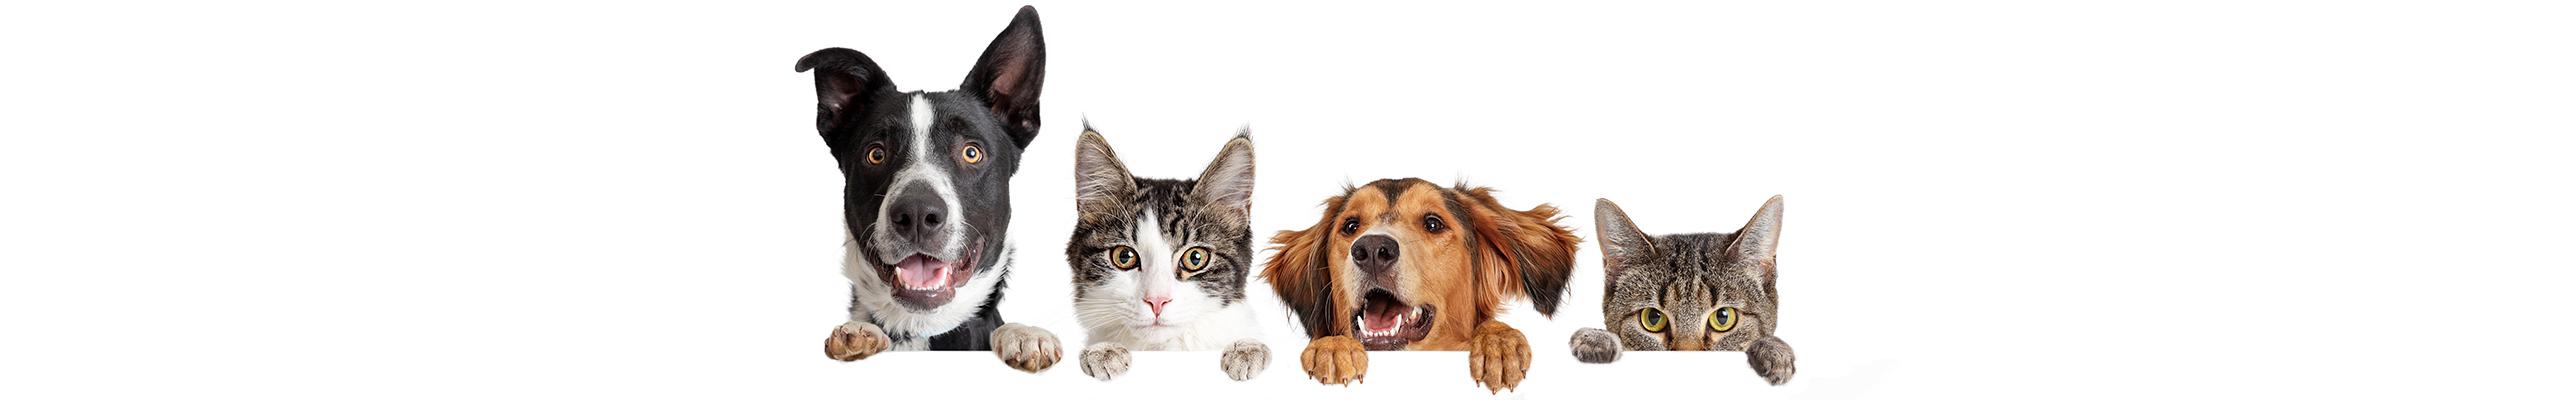 Hond en kat banner | Dierenopvangtehuis de Bommelerwaard